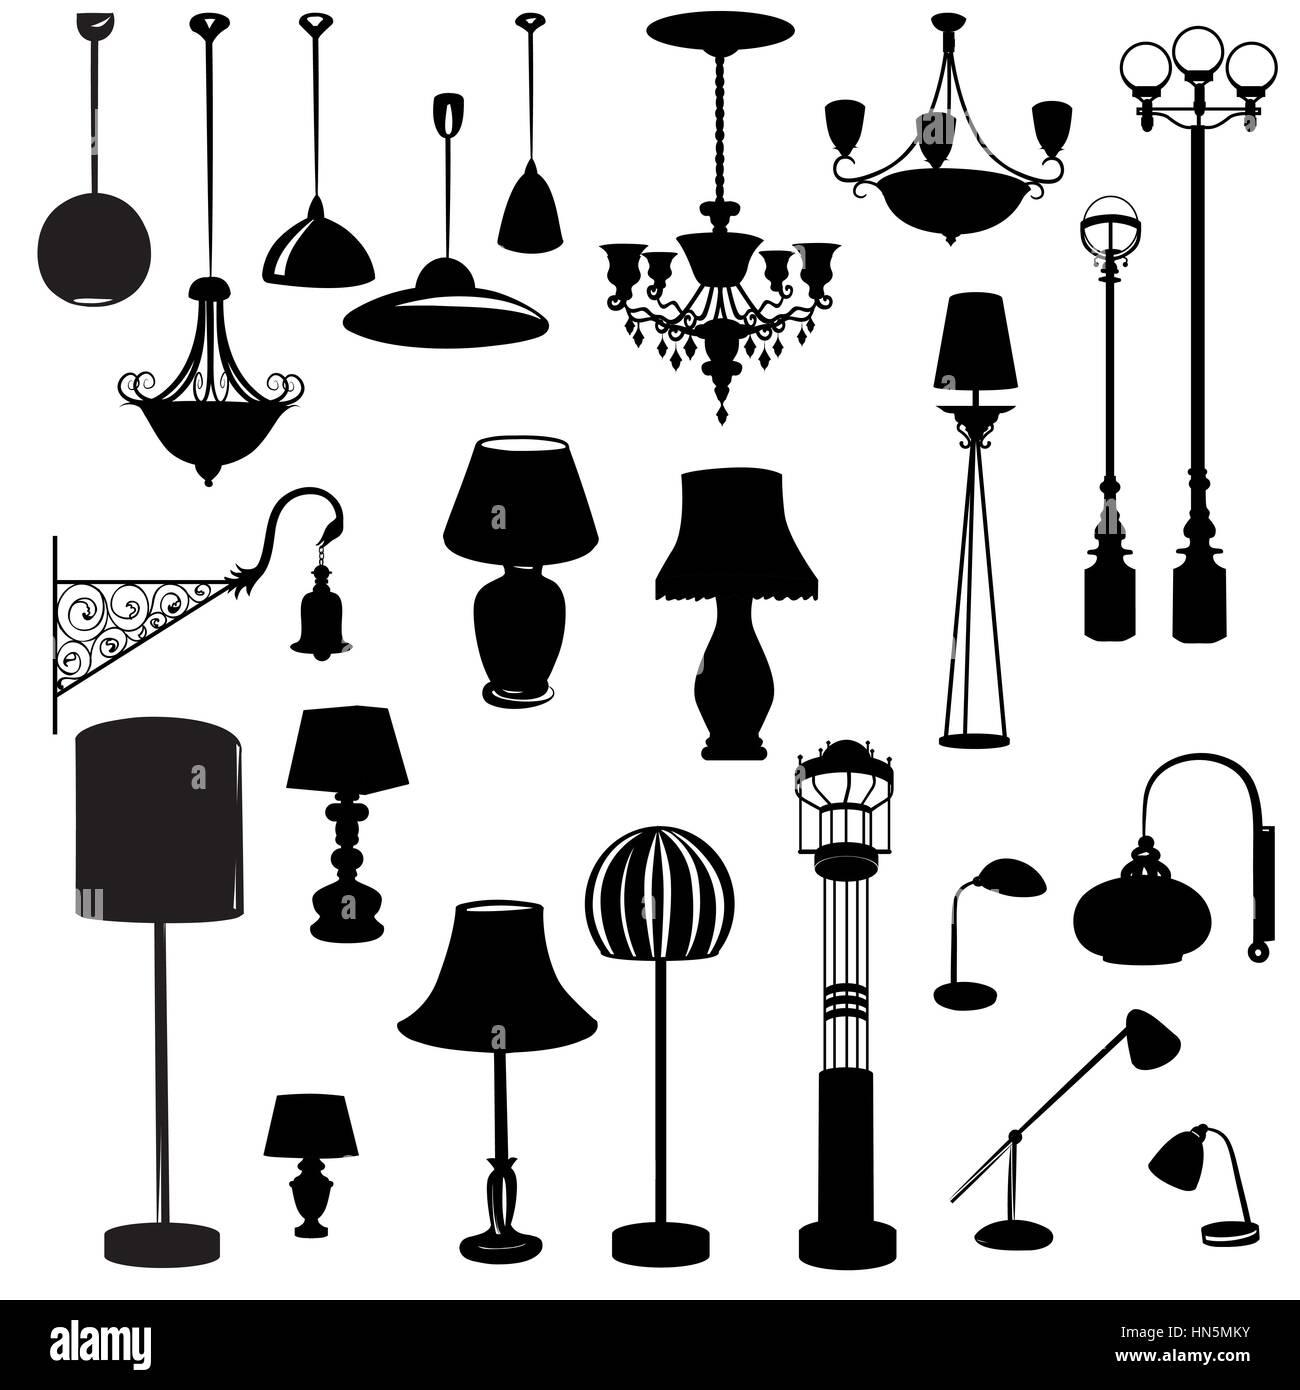 Inneneinrichtung Symbole. deckenleuchte Icon Set. silhouette Decke ...